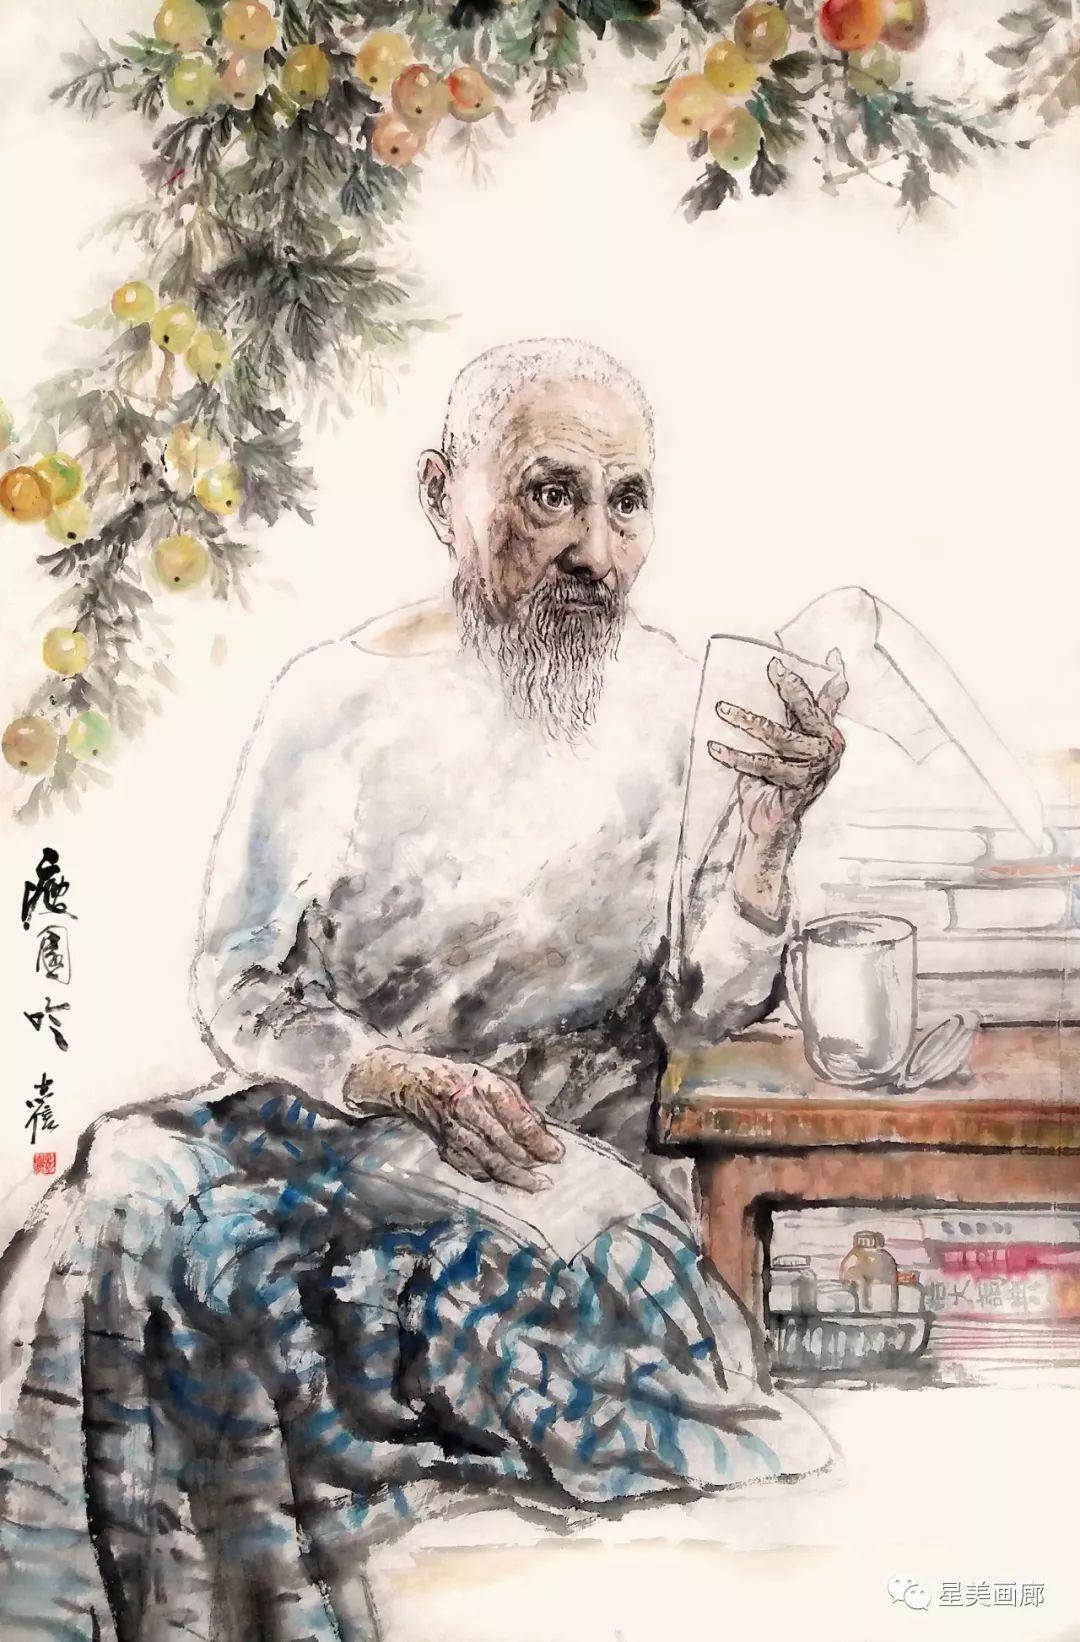 内蒙古画家--彭志信 第47张 内蒙古画家--彭志信 蒙古画廊